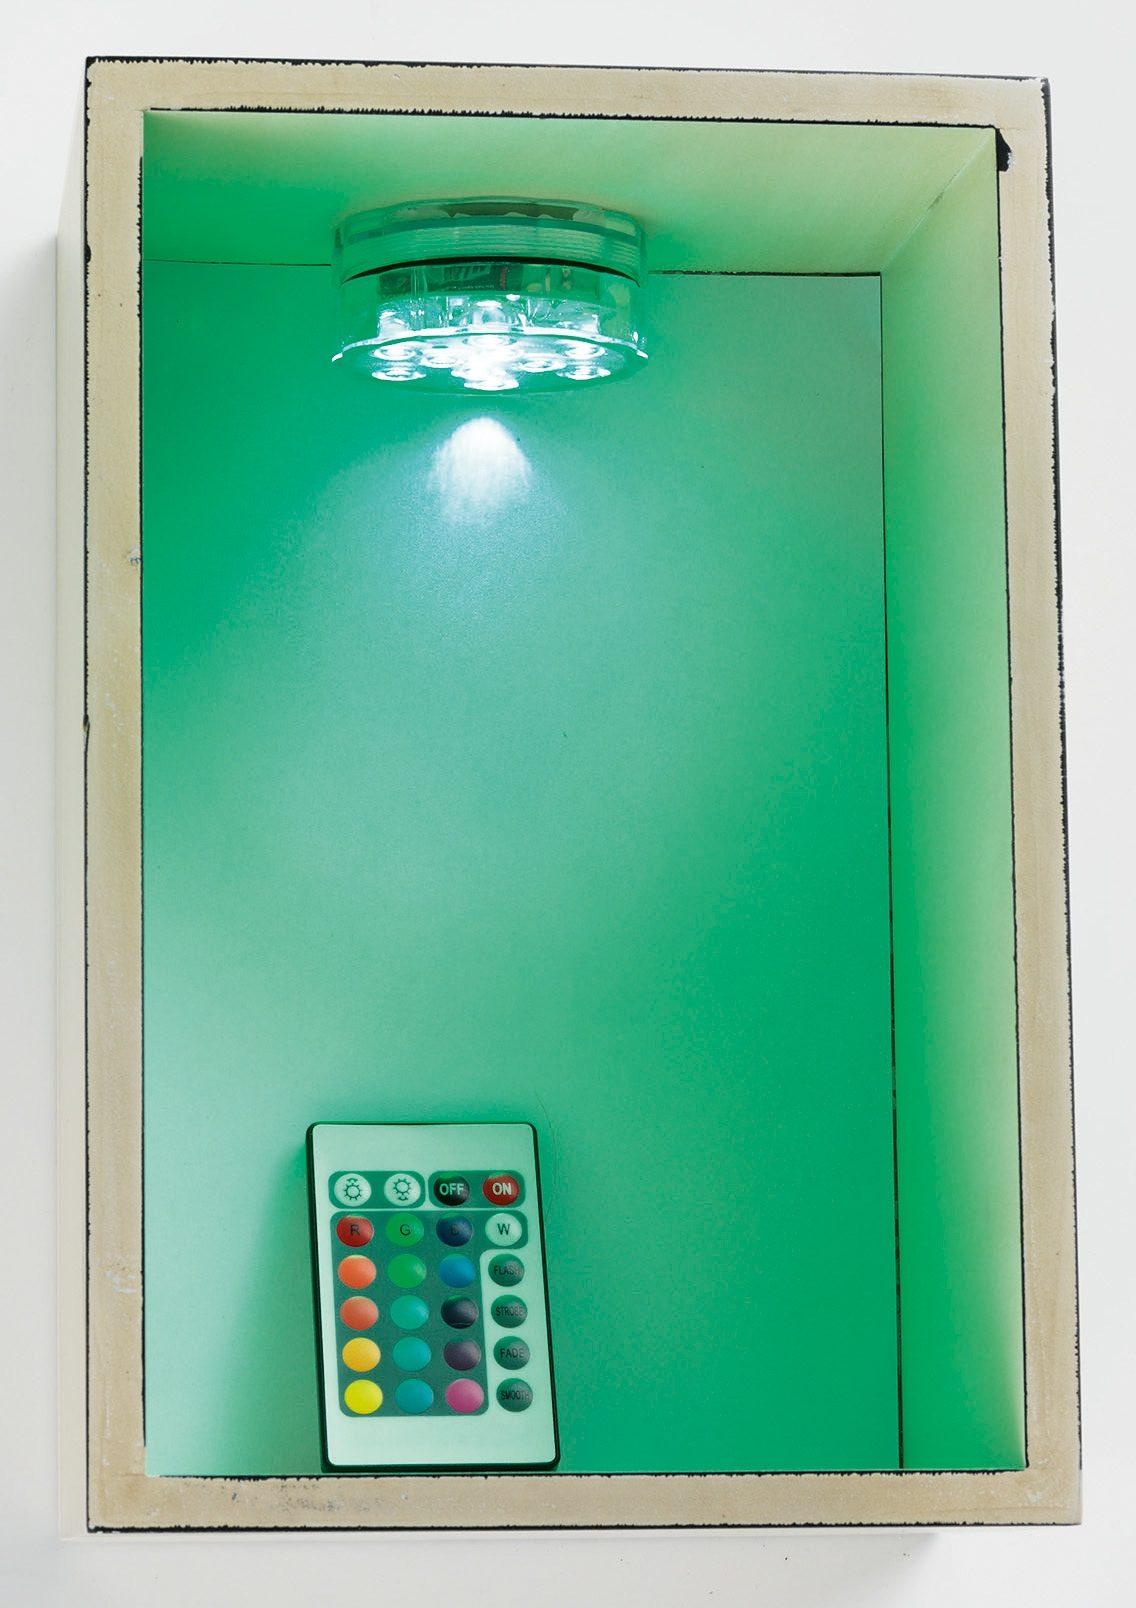 EASYmaxx LED-Lichterzauber mit Farbwechsel, für drinnen und draußen